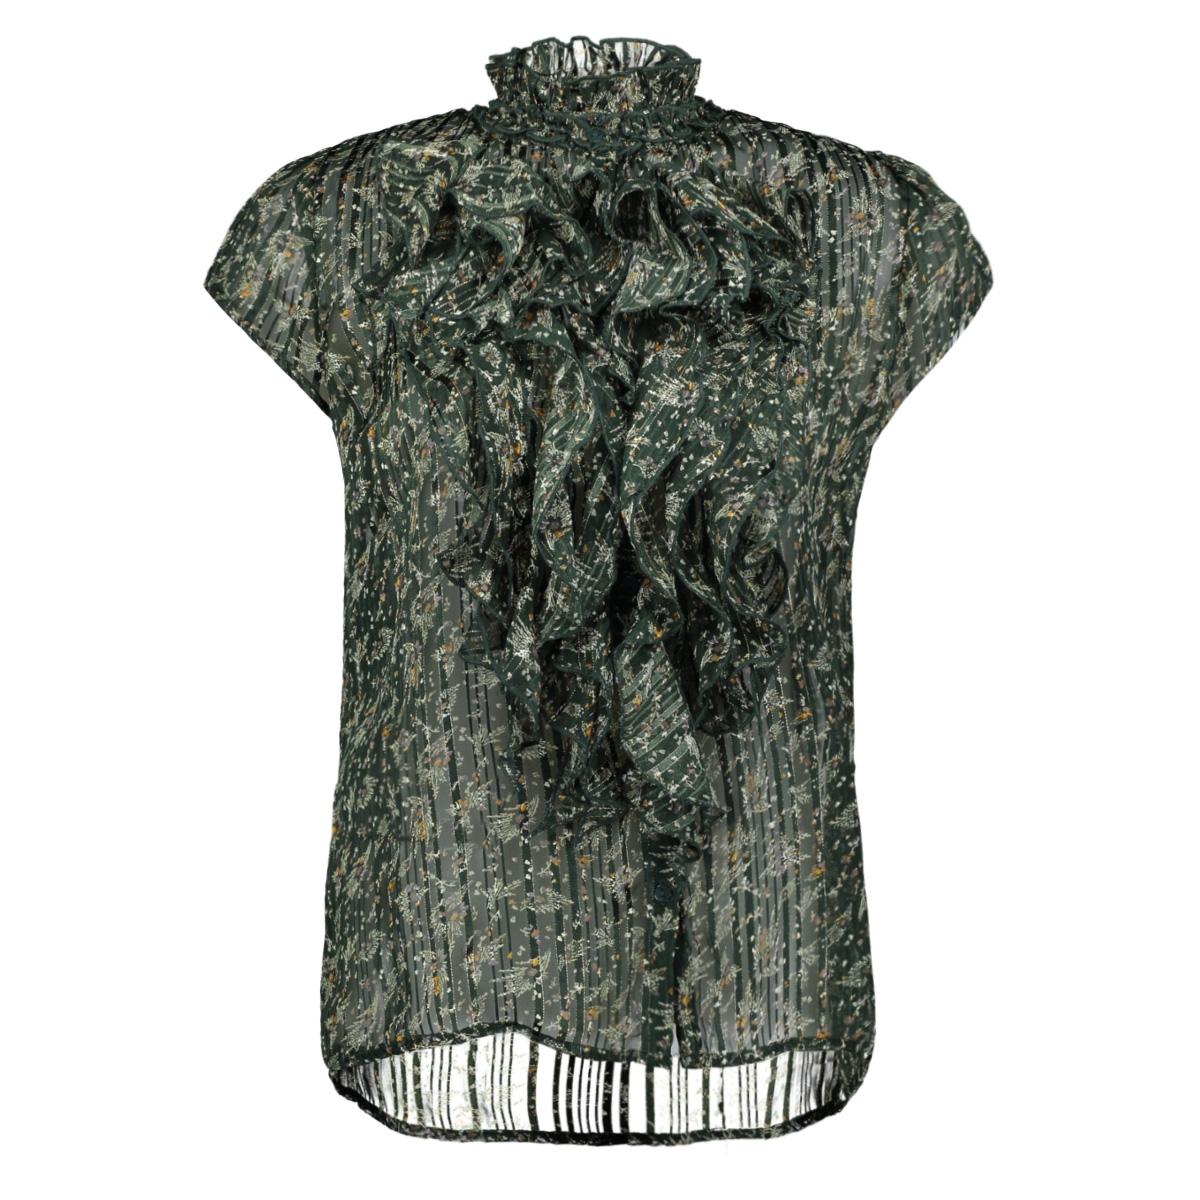 woven shirt s s u1156 30501421 saint tropez blouse 8298